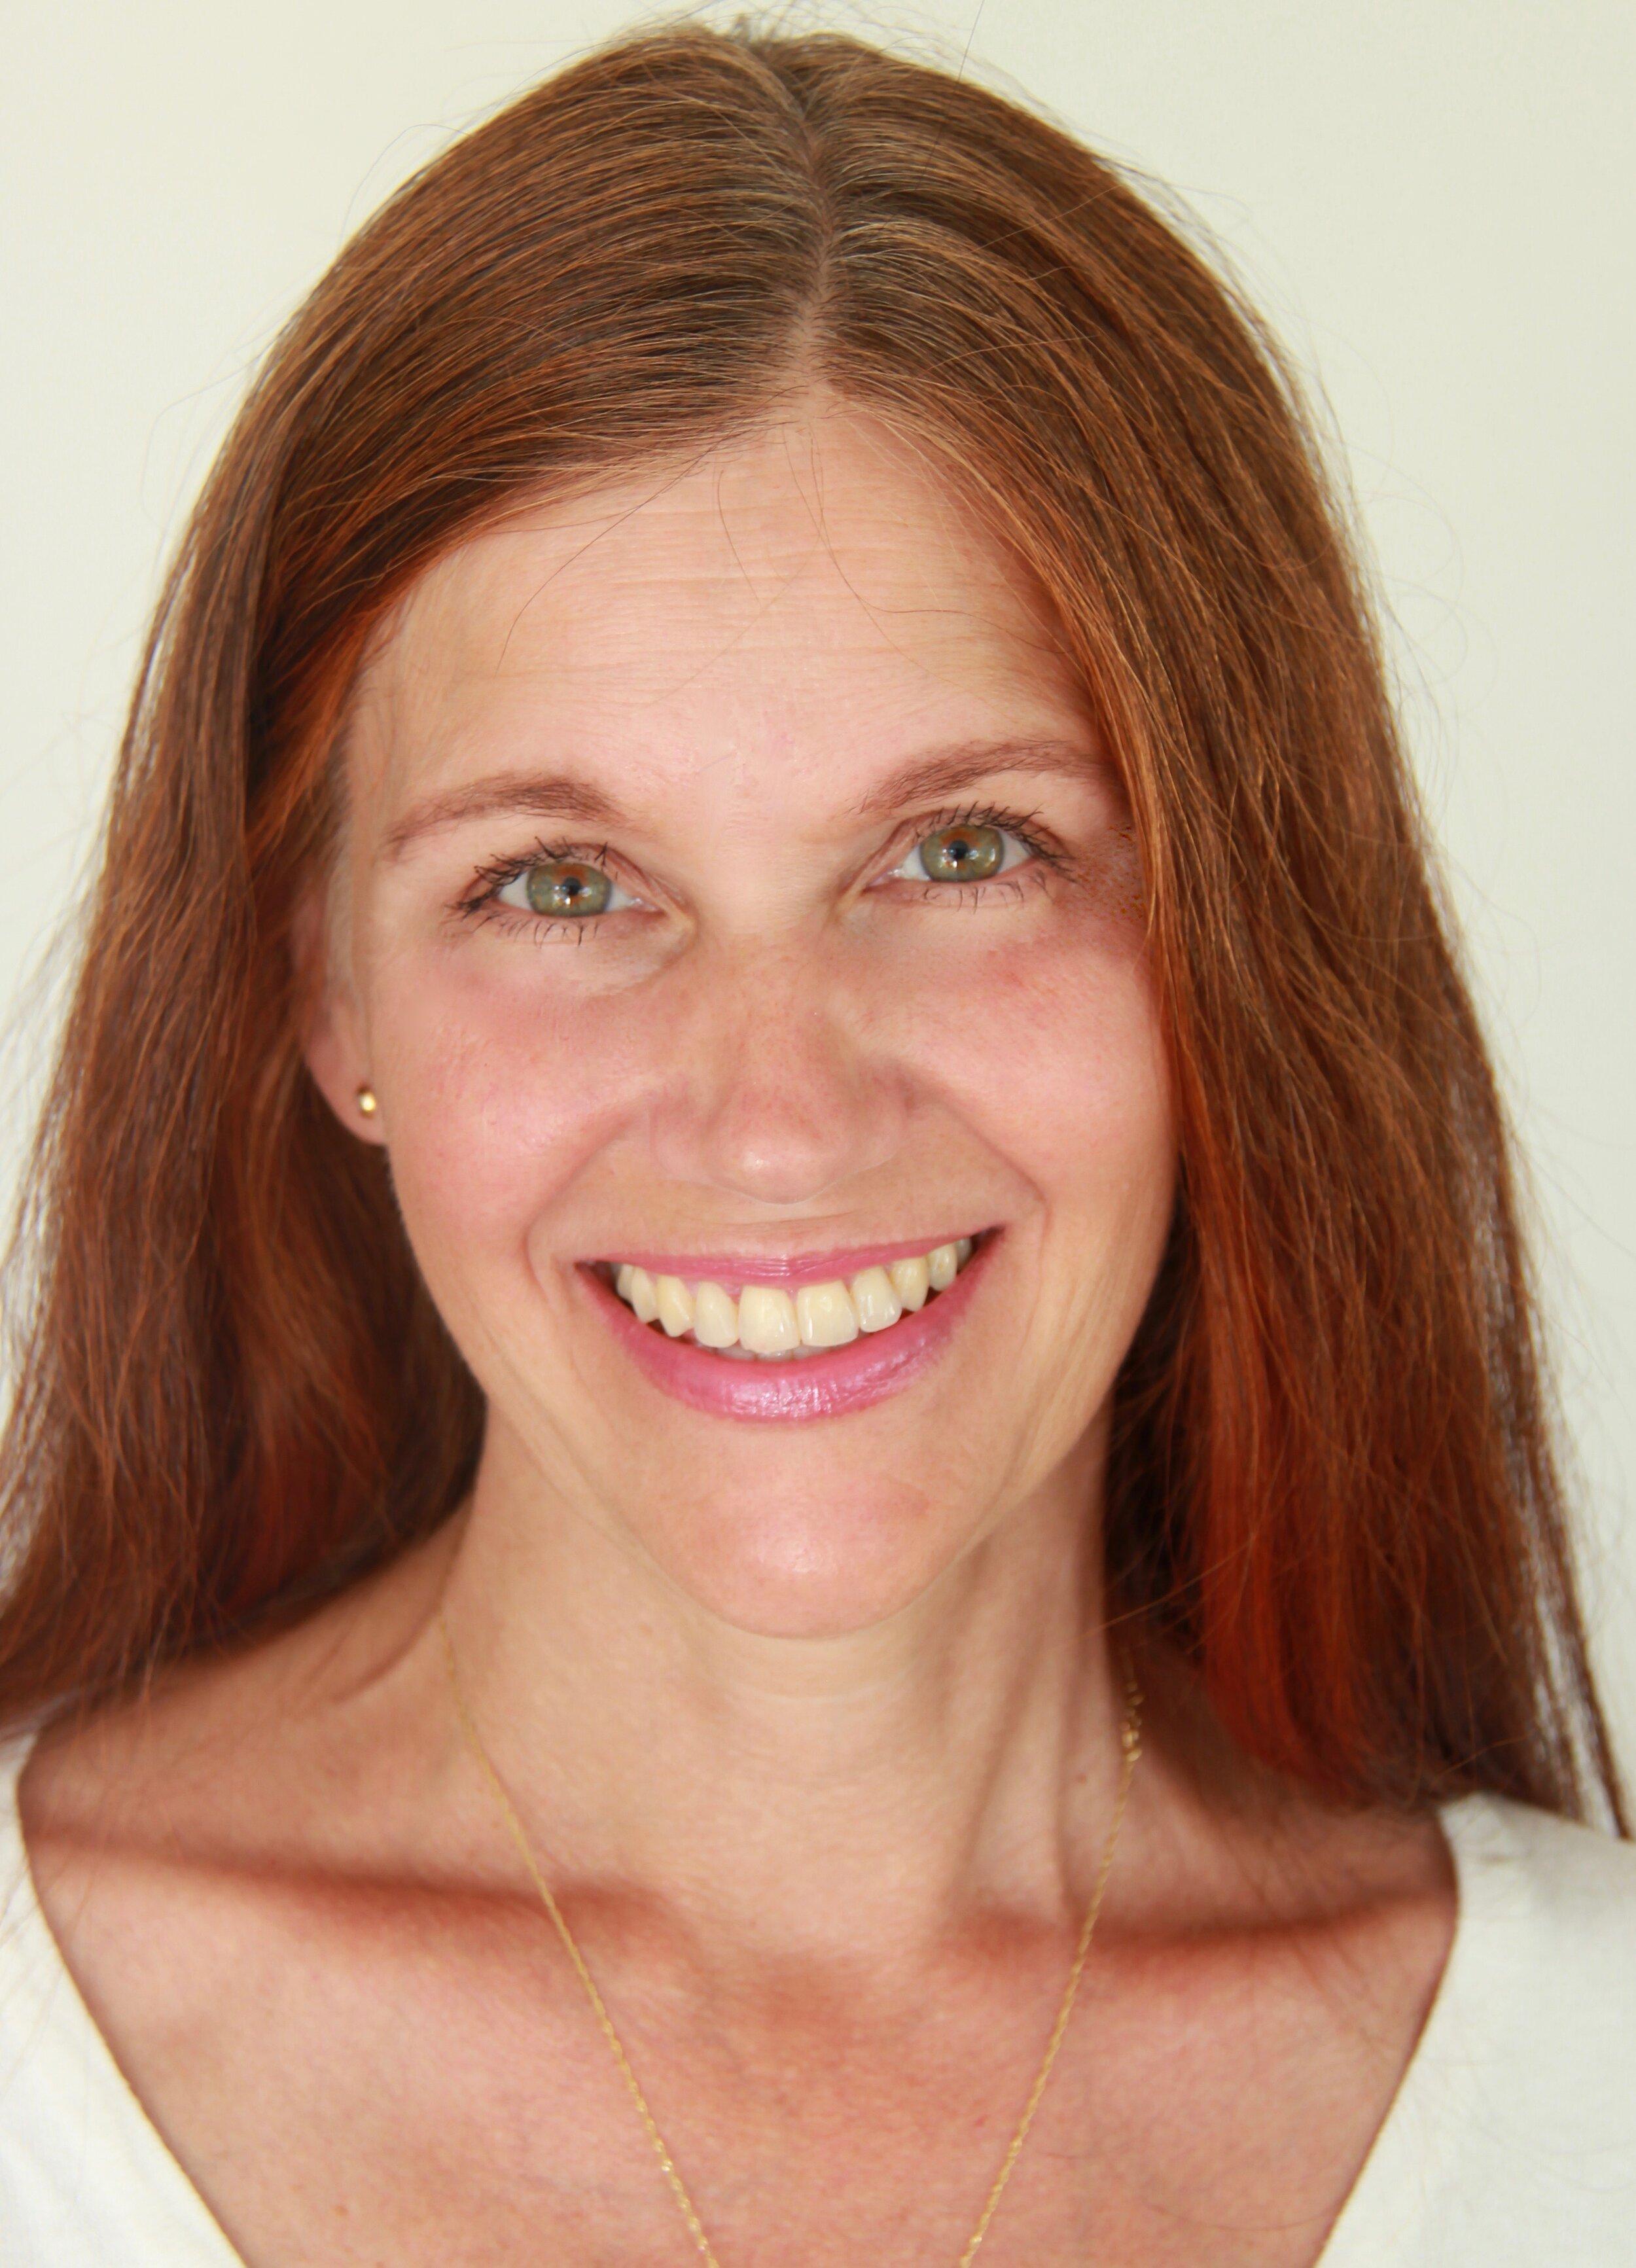 Eva Carter är legitimerad psykolog med både psykodynamisk- (PDT) och kognitiv beteende terapeutisk (KBT) inriktning.